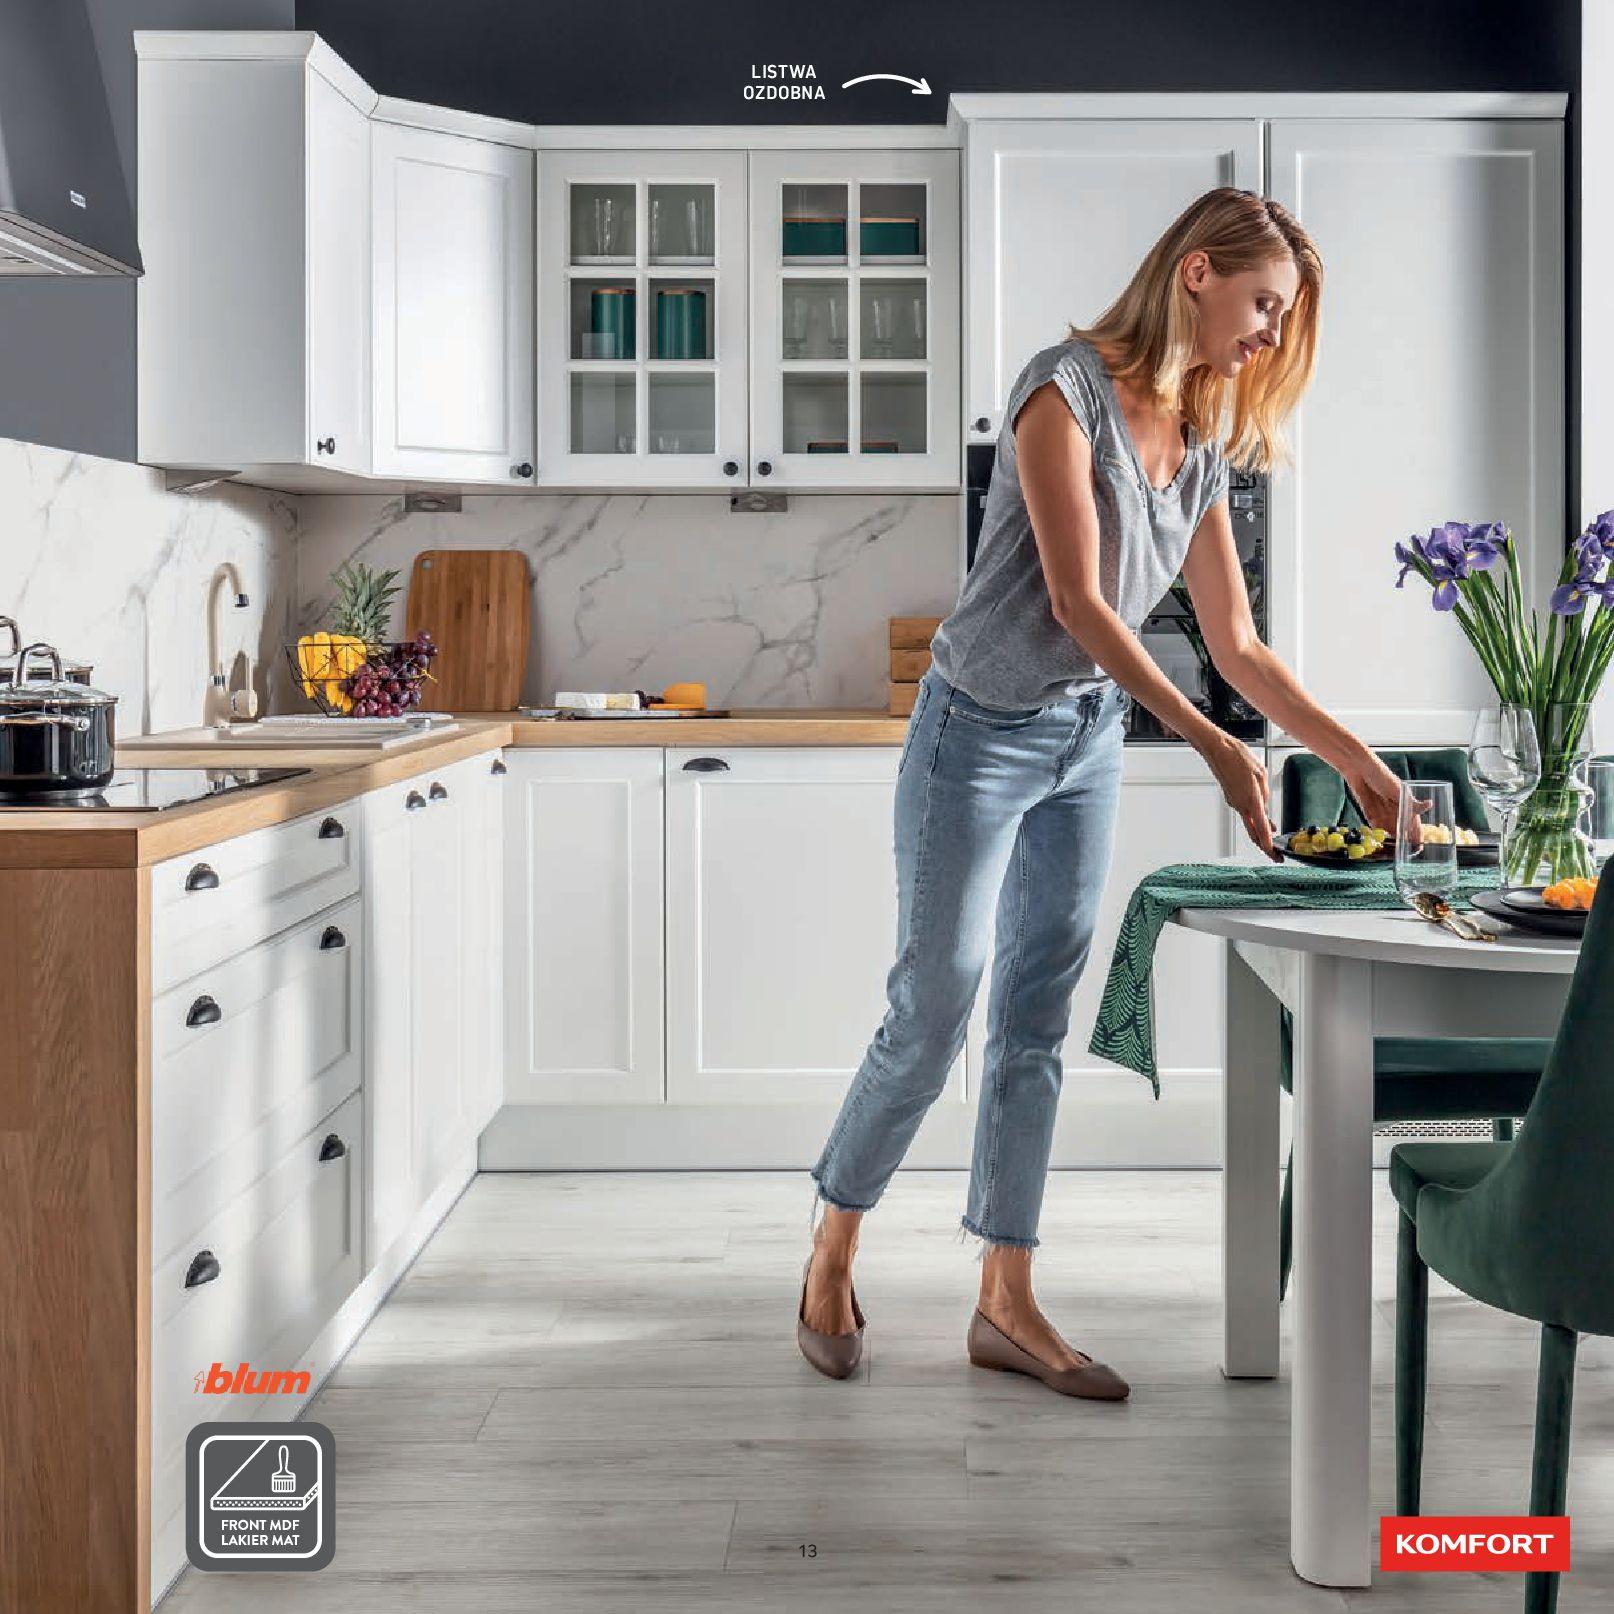 Gazetka Komfort: Gazetka Komfort - Katalog Kuchnie 2021 2021-06-16 page-15